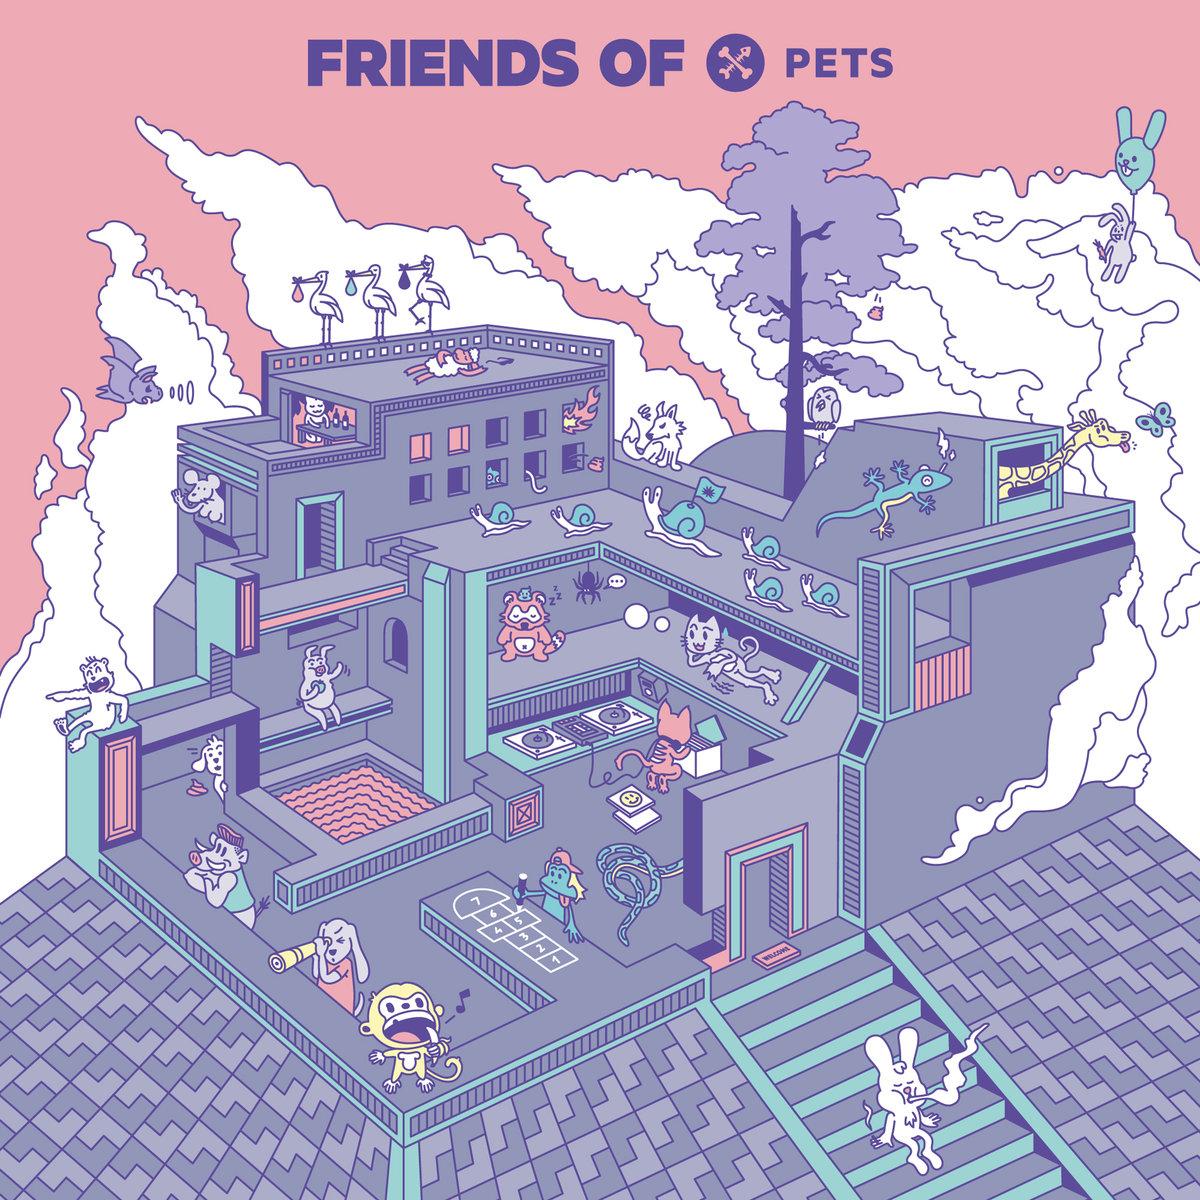 Friends of PETS part 2